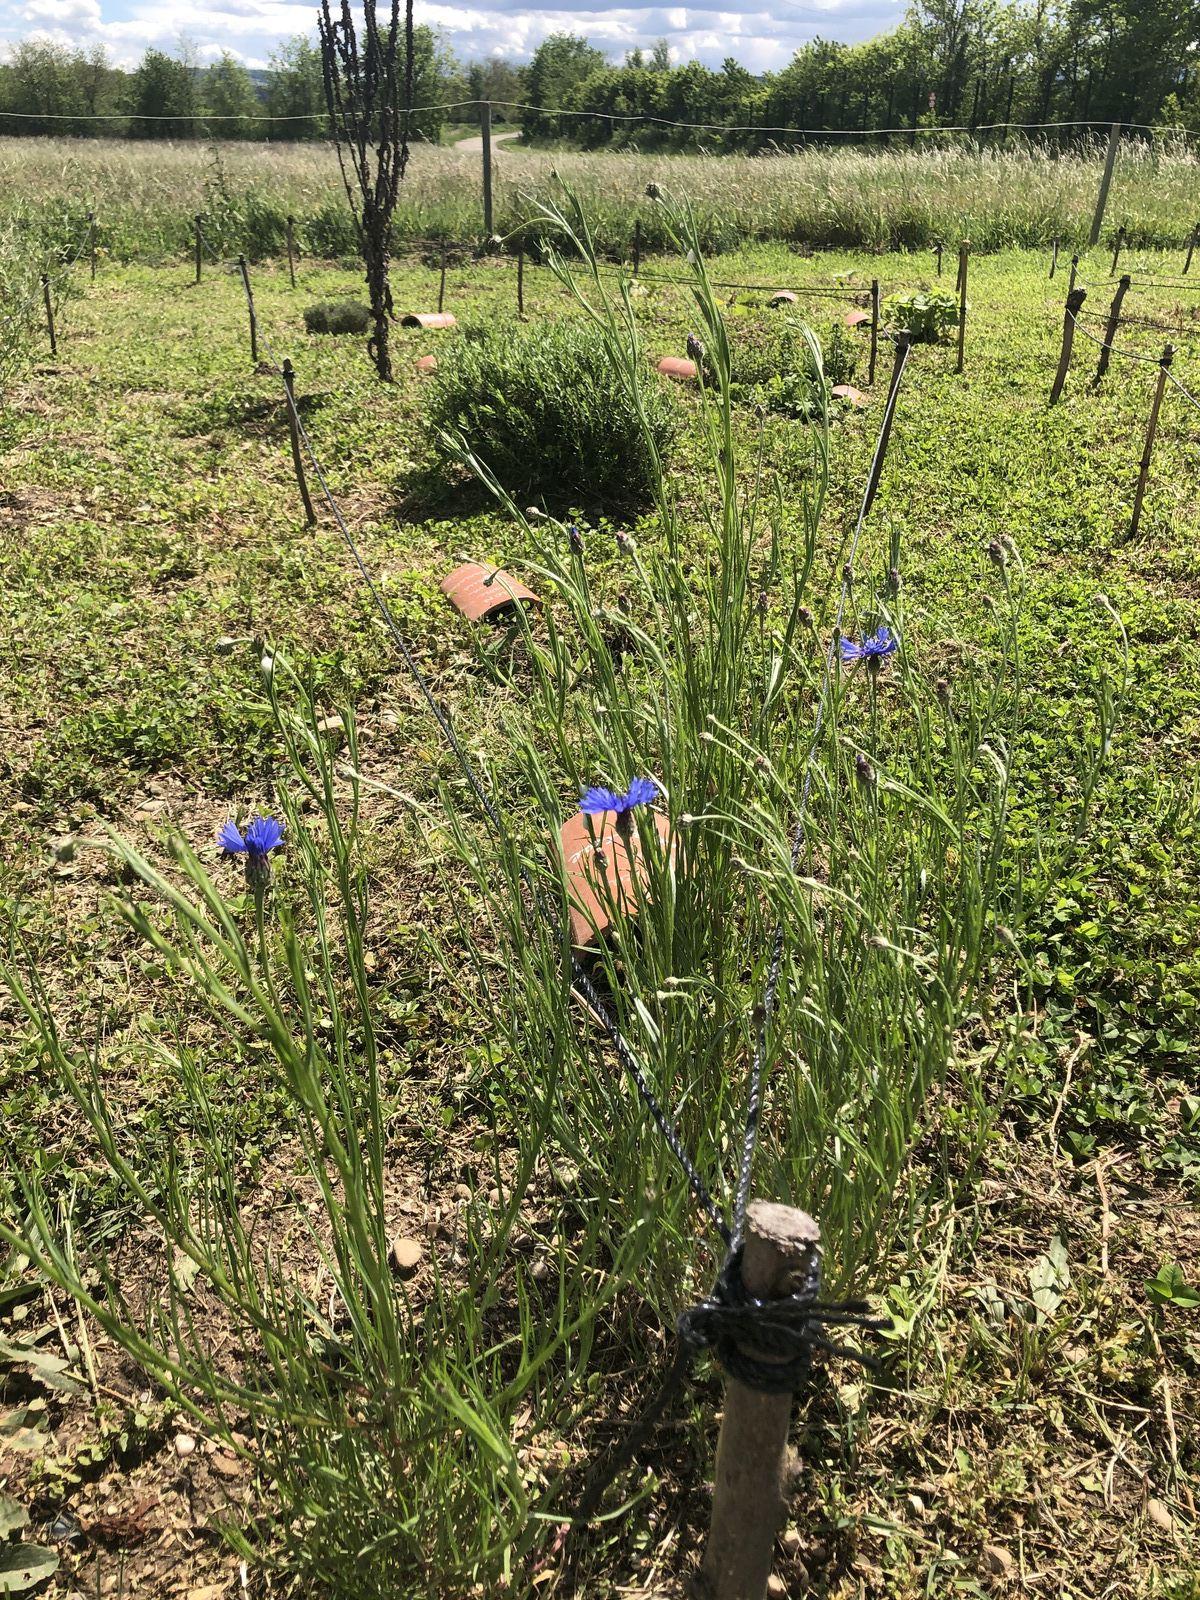 La consoude et les bleuets sont en fleur. la pluie a été très bénéfique.